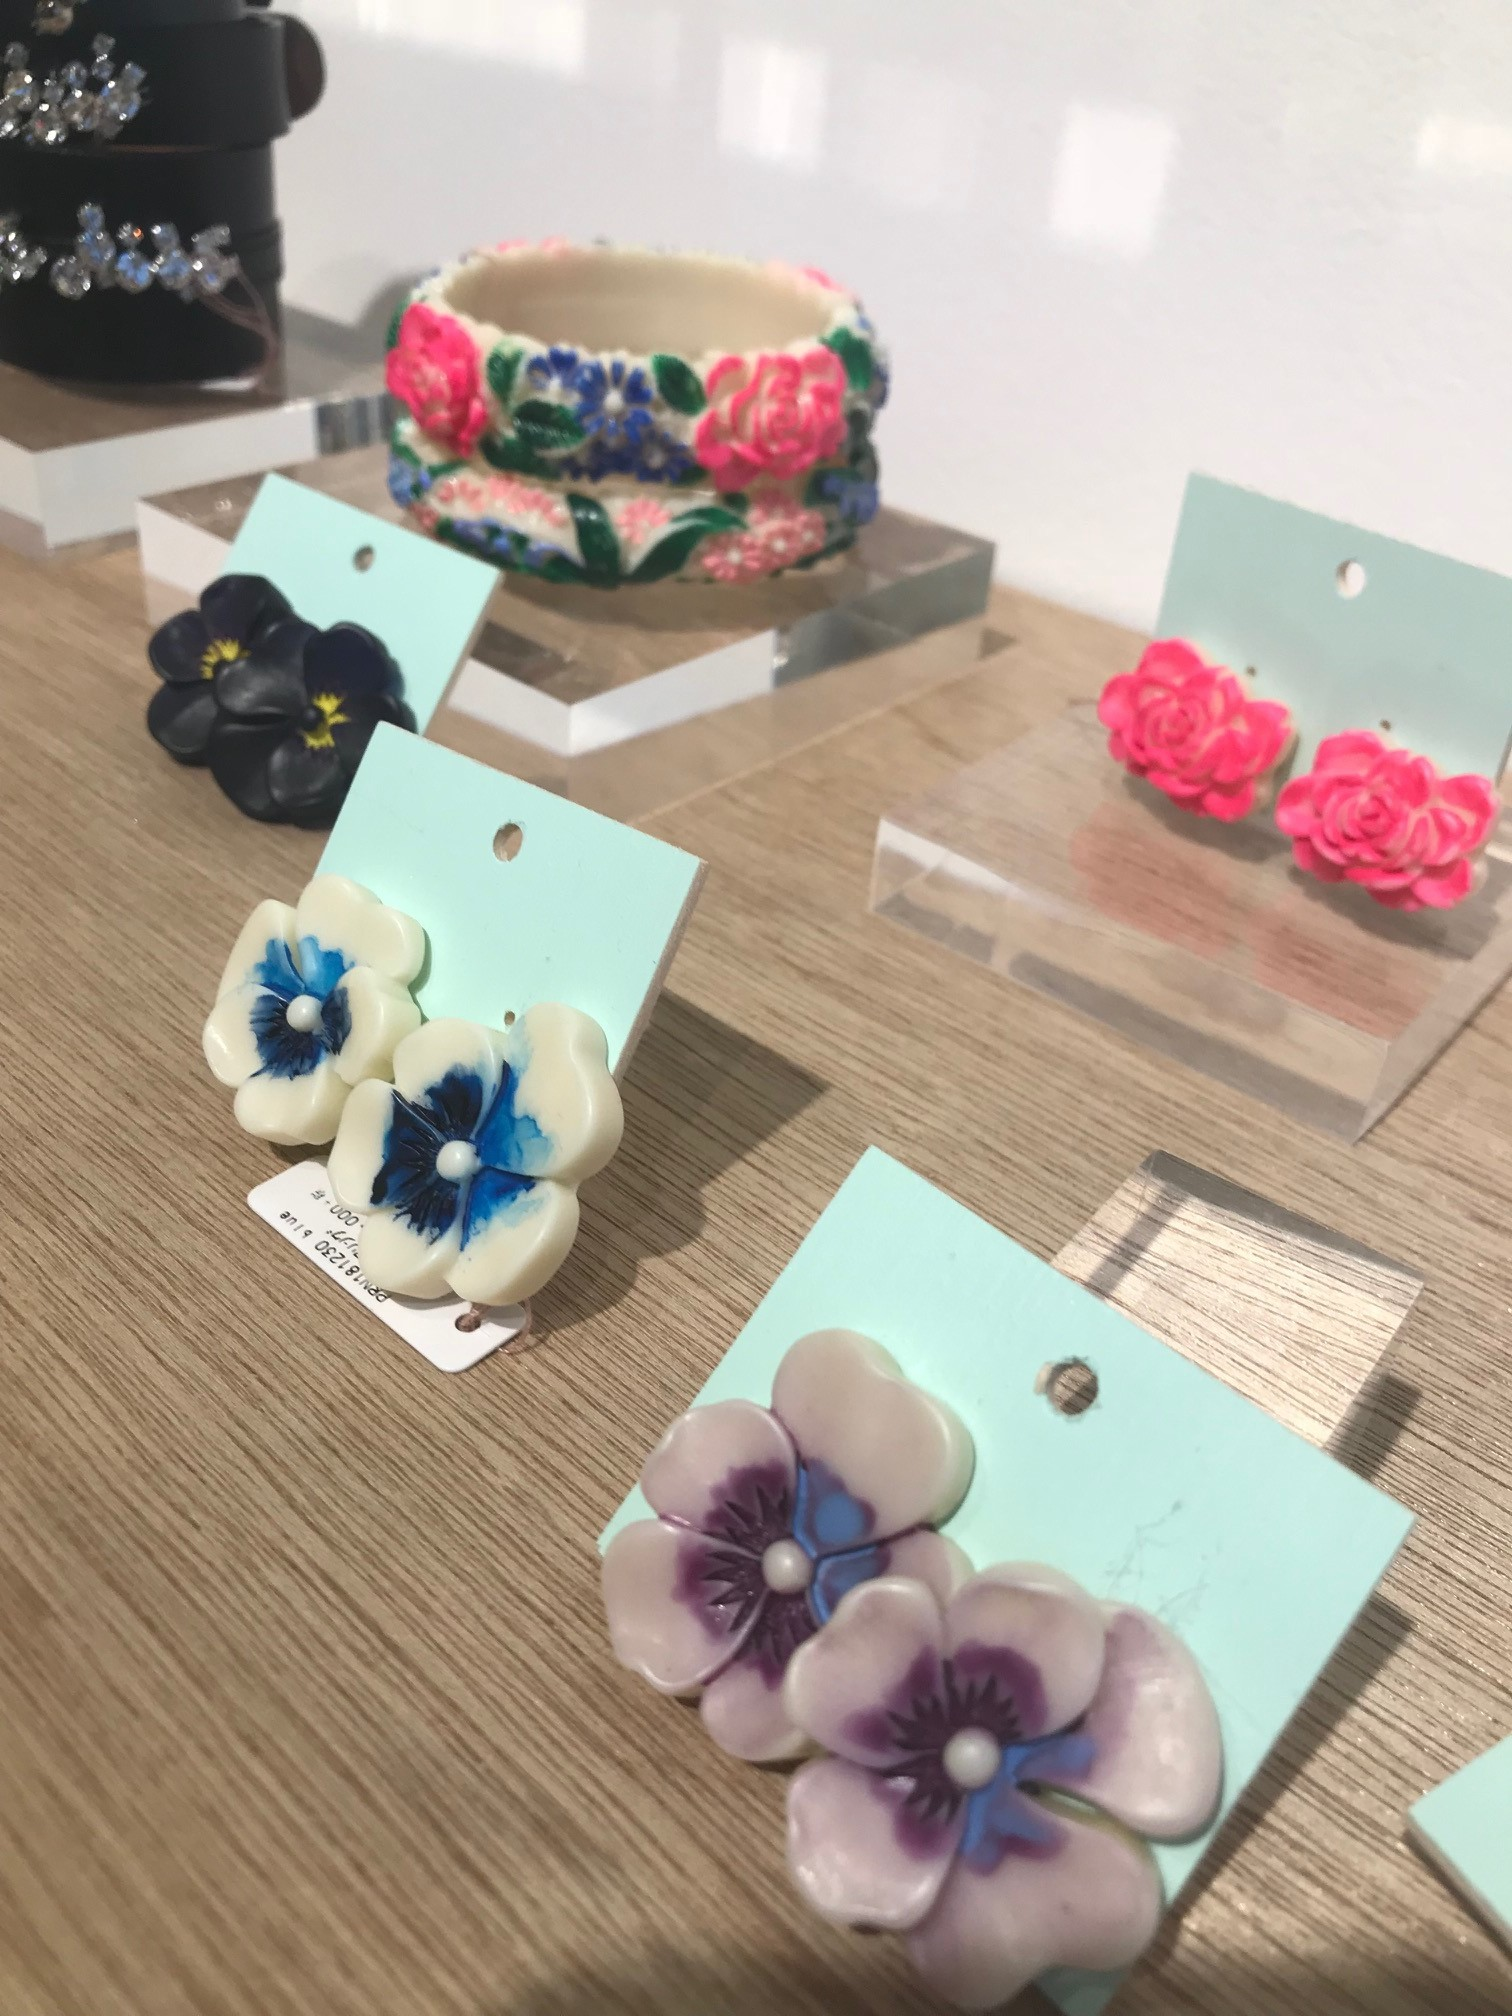 petite robe noire / YOSHIYO 2018春の展示会へ_1_4-1